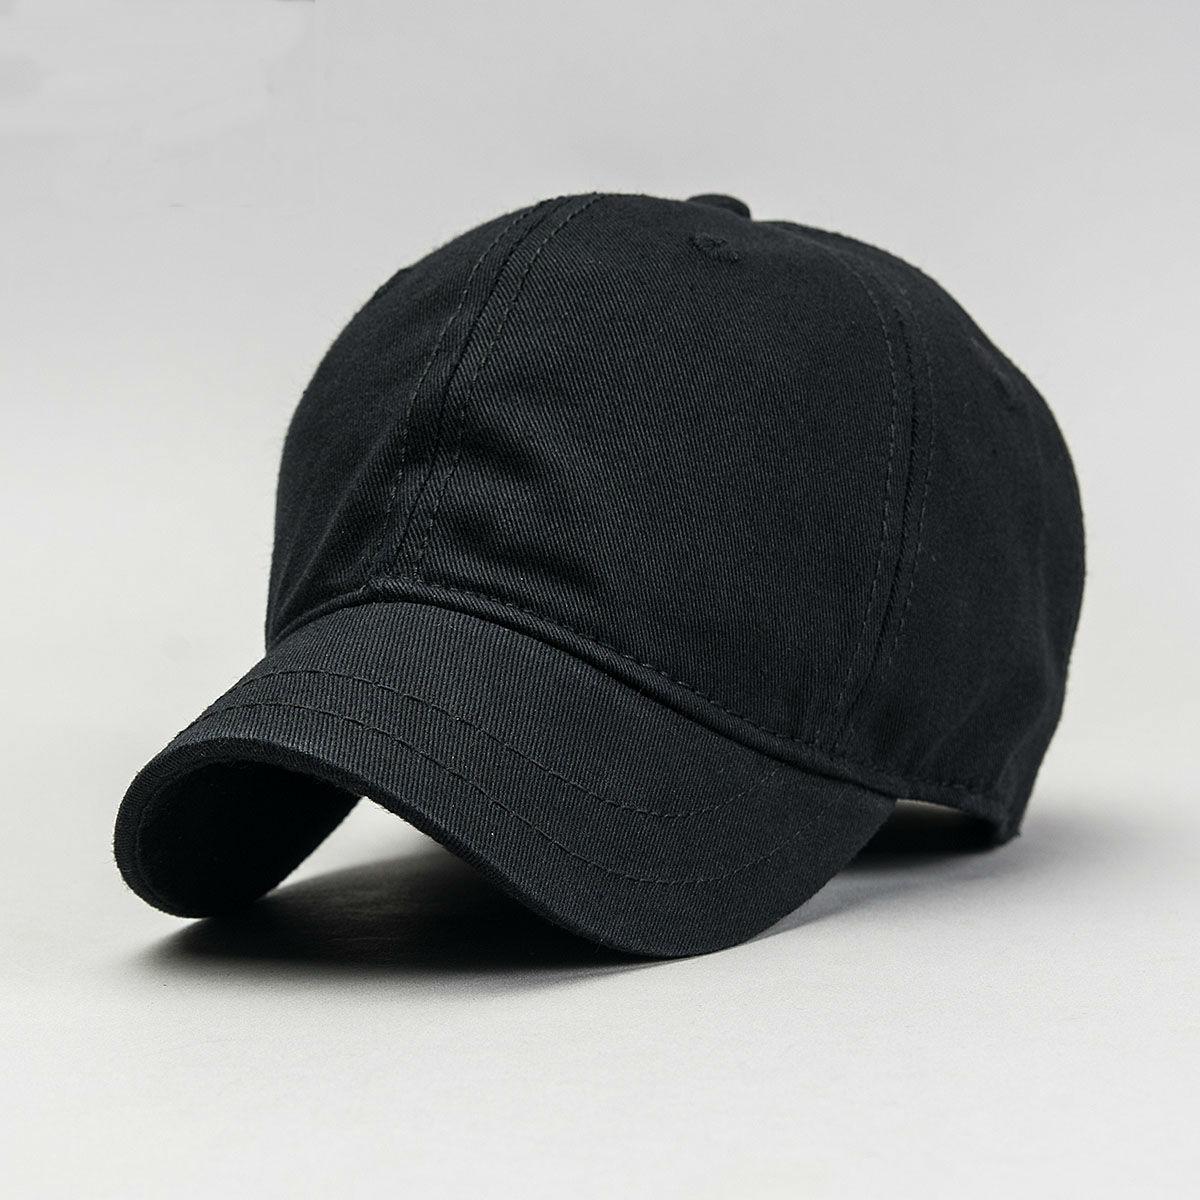 Beckyruiwu 2018 Vrhunska kakovostna velika moška kapa moškega - Oblačilni dodatki